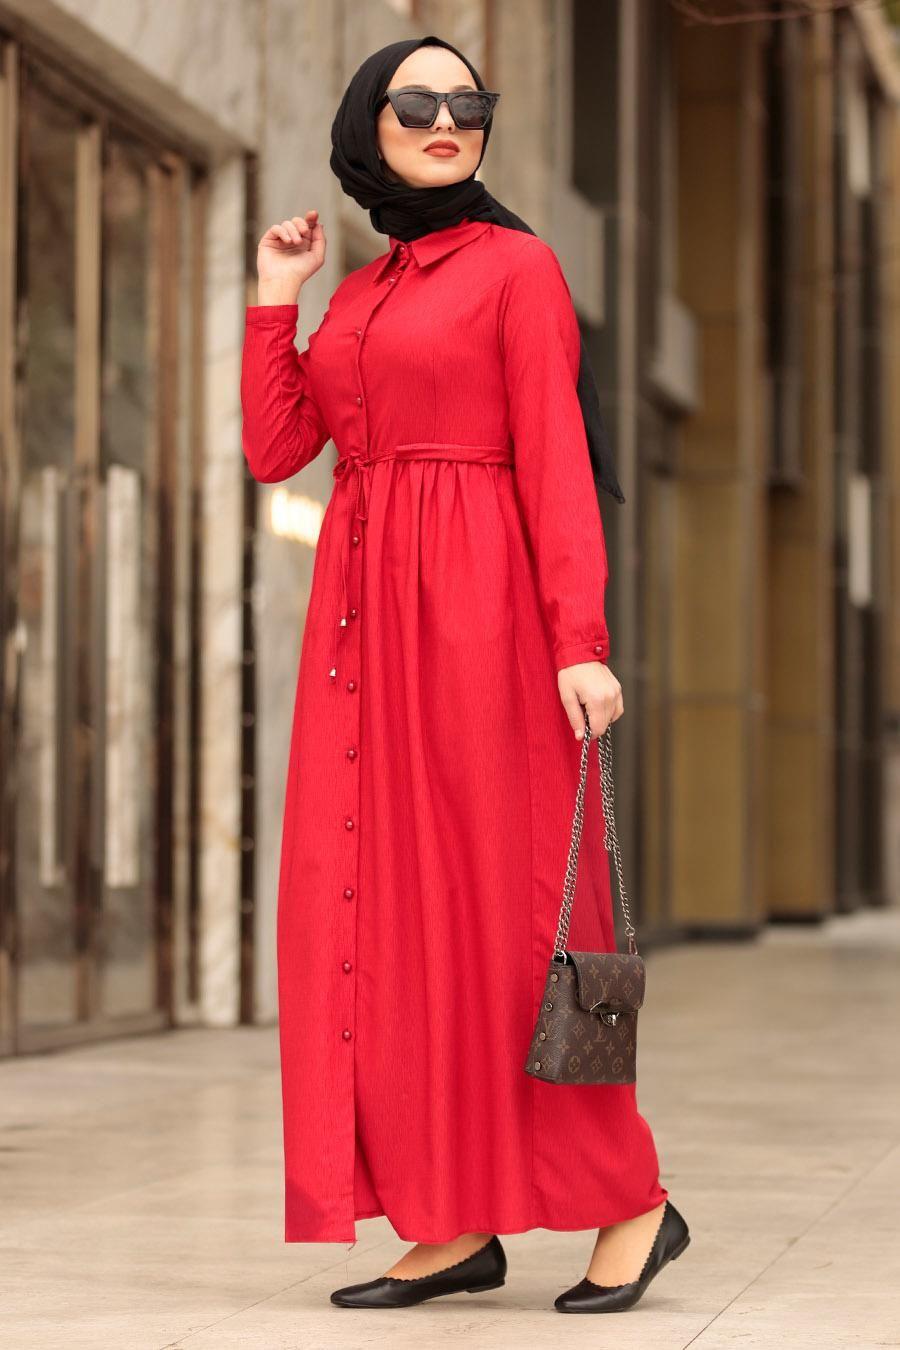 Nayla Collection Dugmeli Kirmizi Tesettur Elbise 3163k Tesetturisland Com Elbise Moda Stilleri Basortusu Modasi